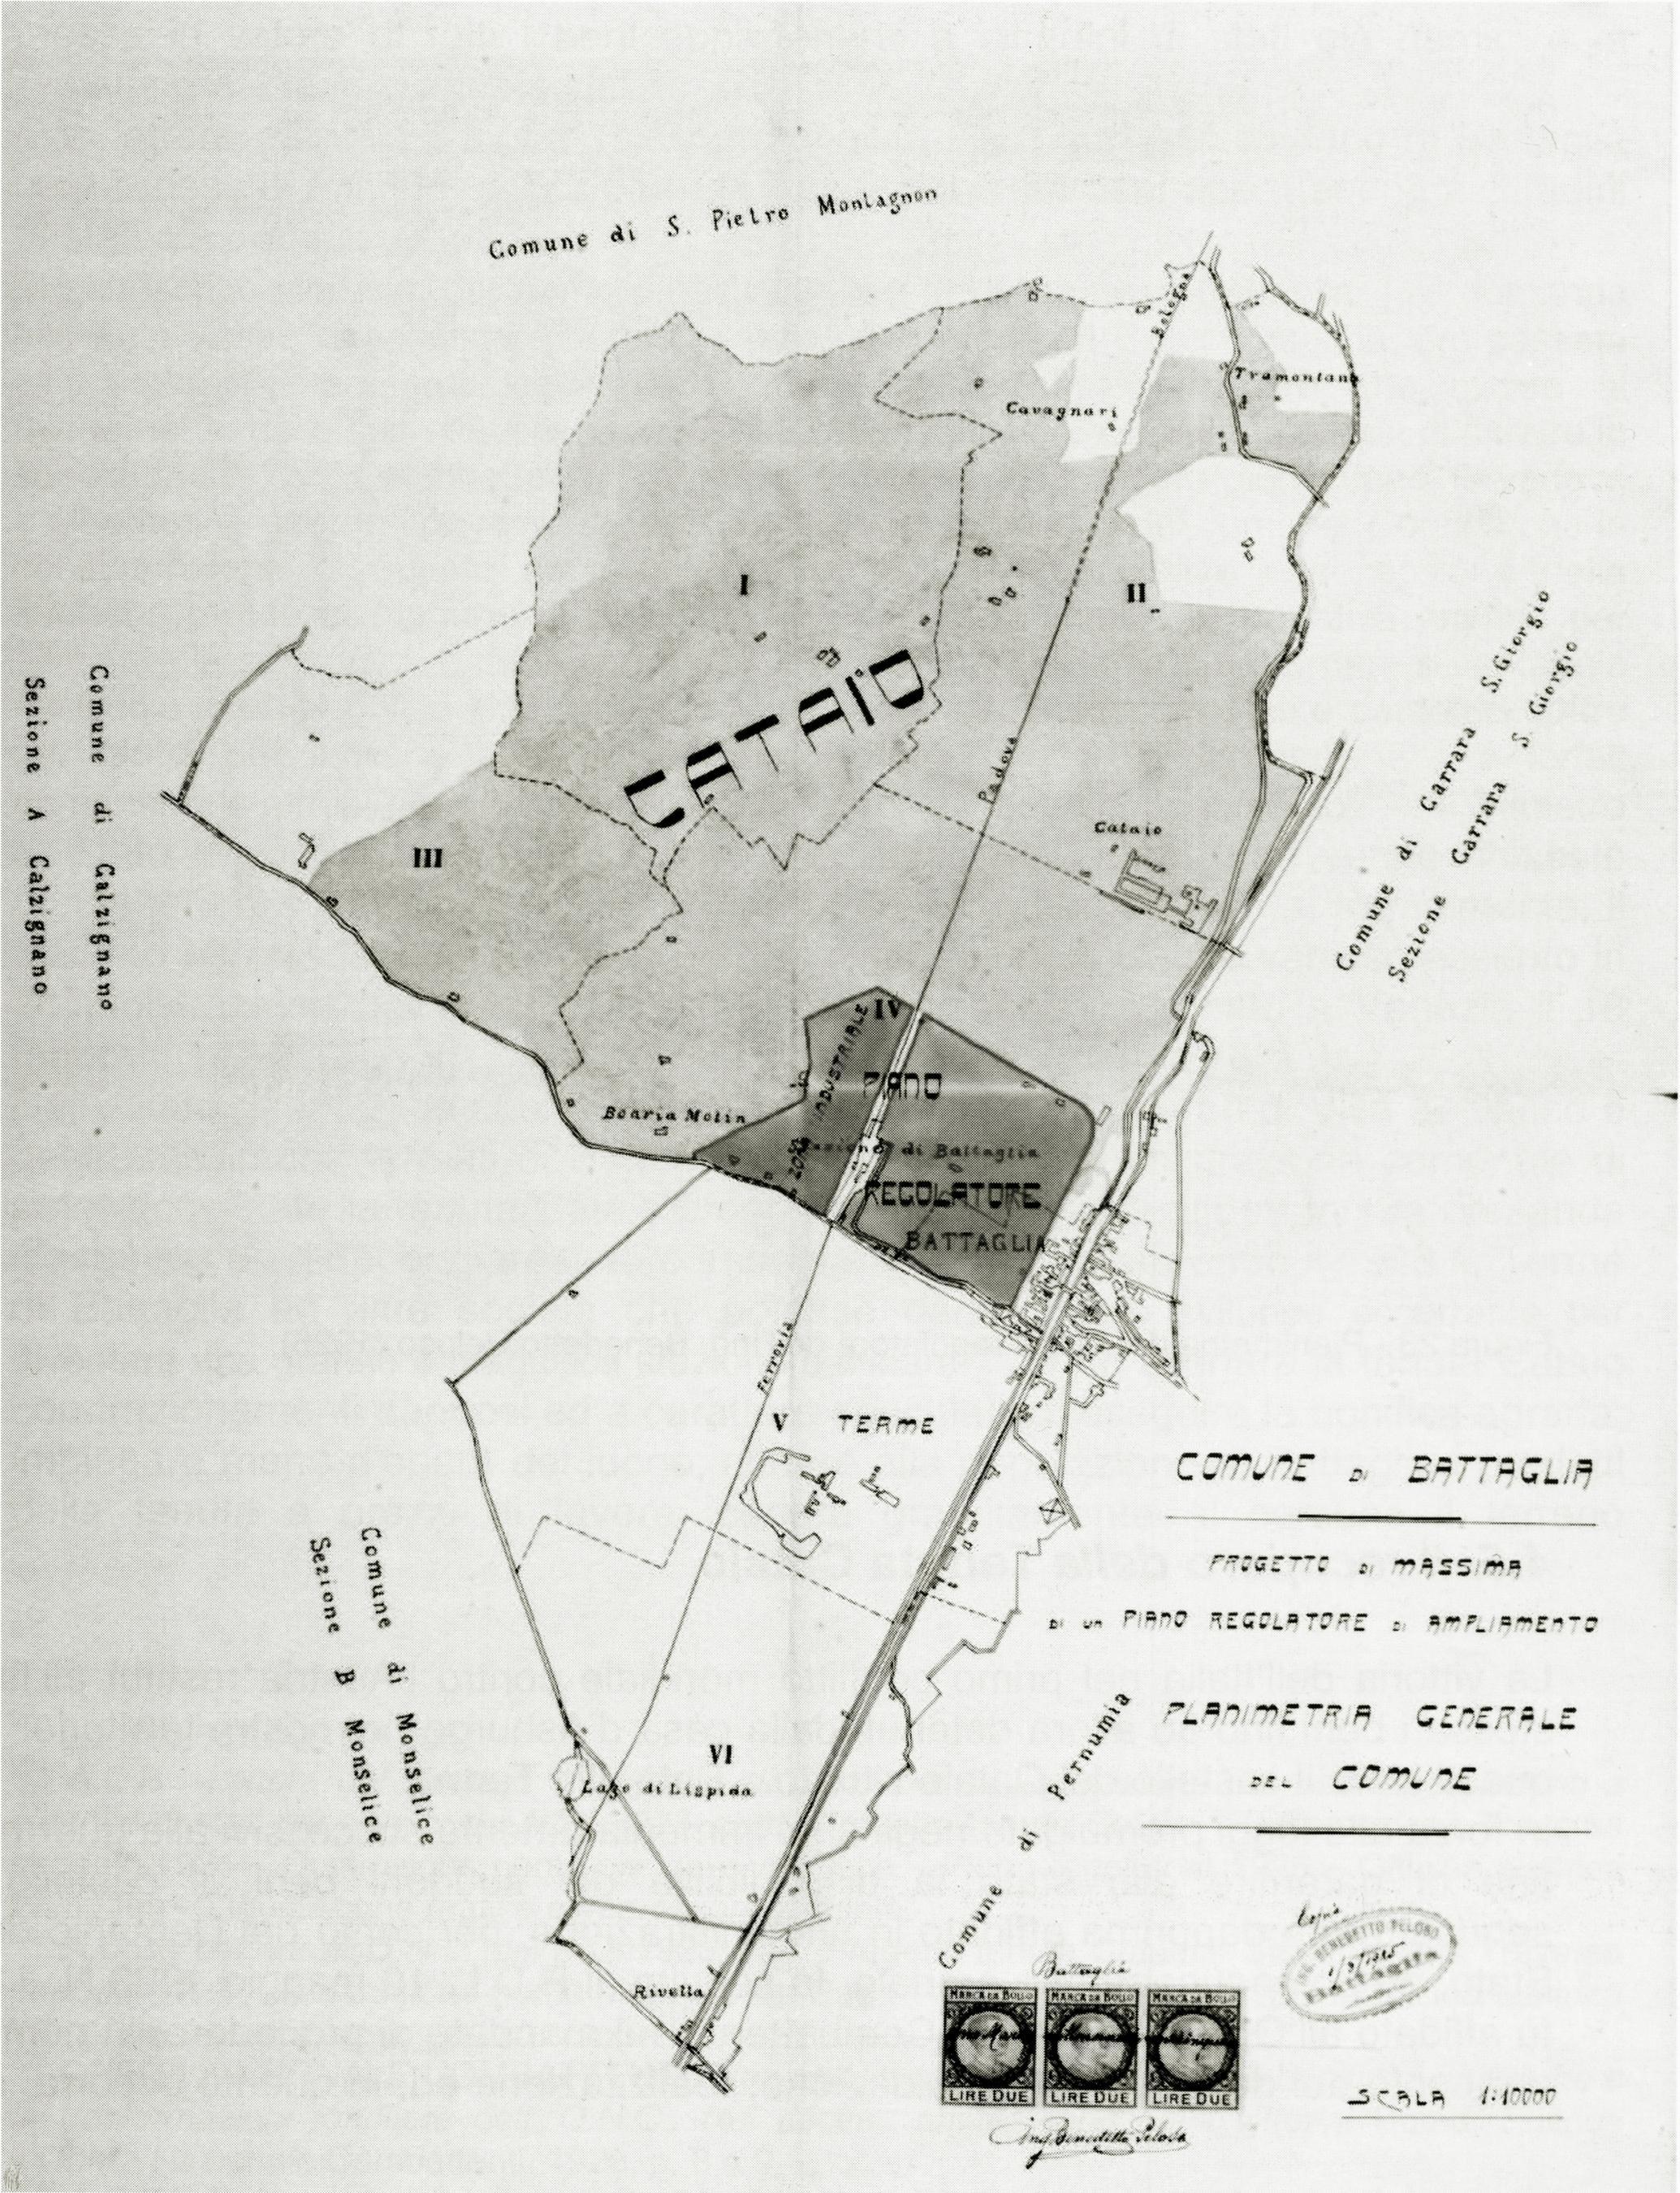 Zona interessata dal Piano Regolatore di Battaglia del 1925.